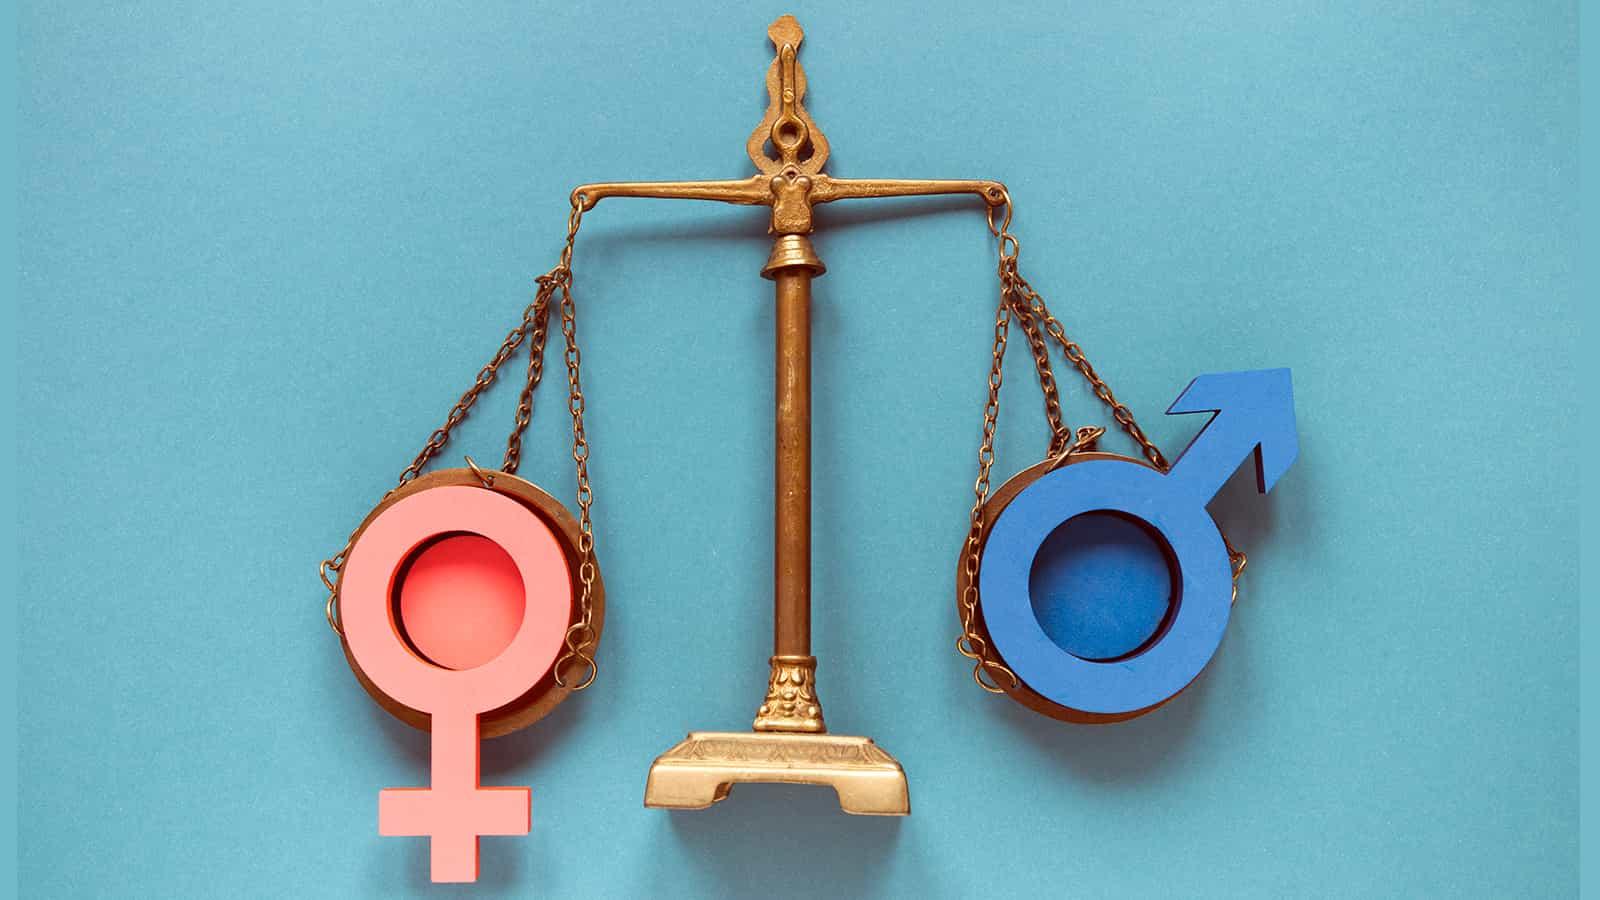 balança jurídica com símbolos feminino e masculino